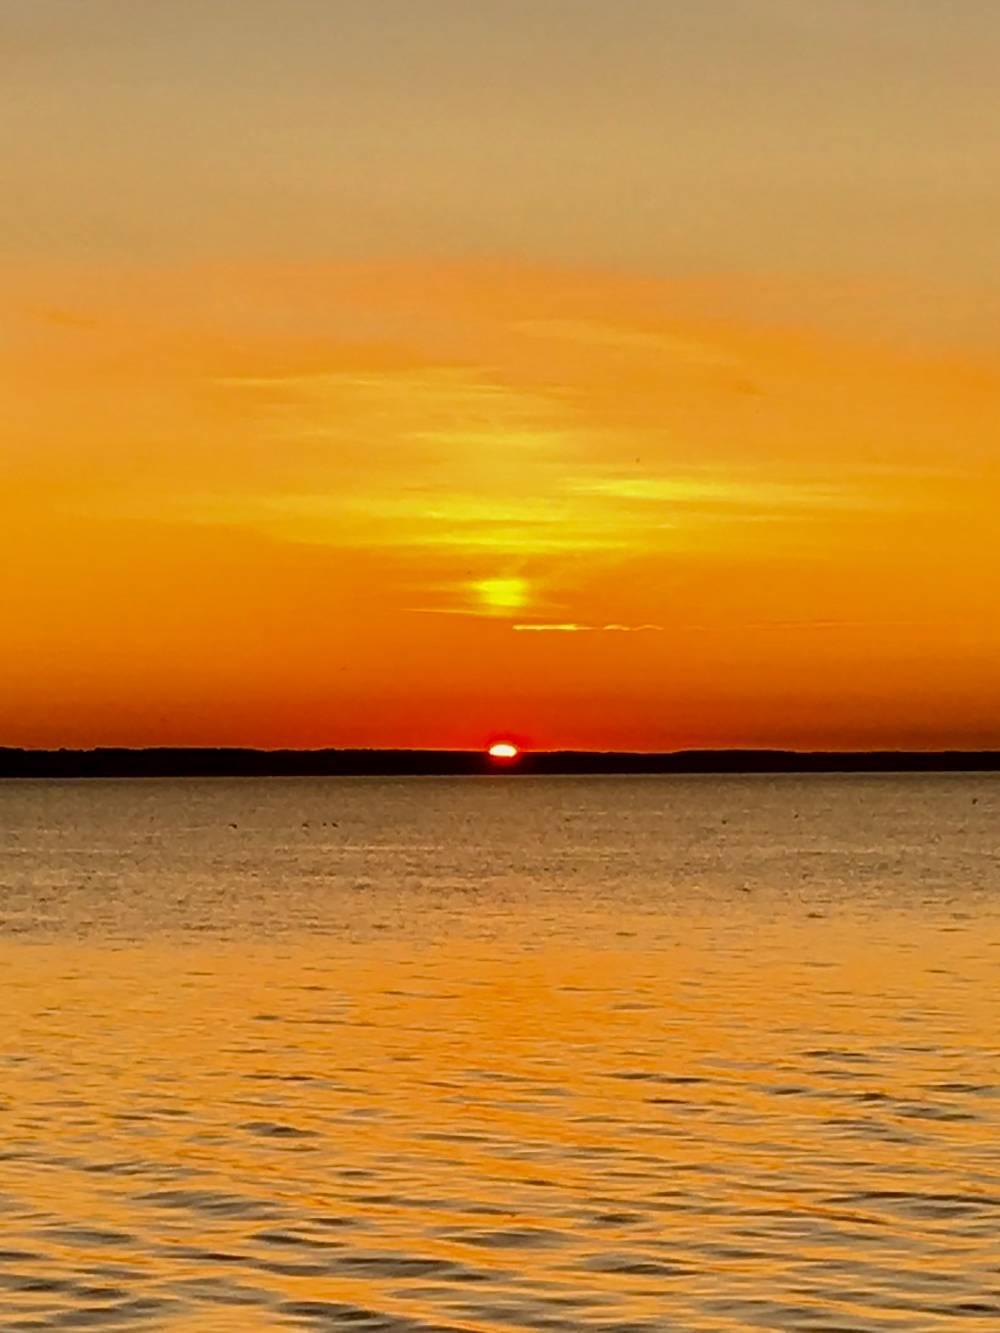 На яхту можно просто приехать, чтобы отдохнуть и полюбоваться закатом